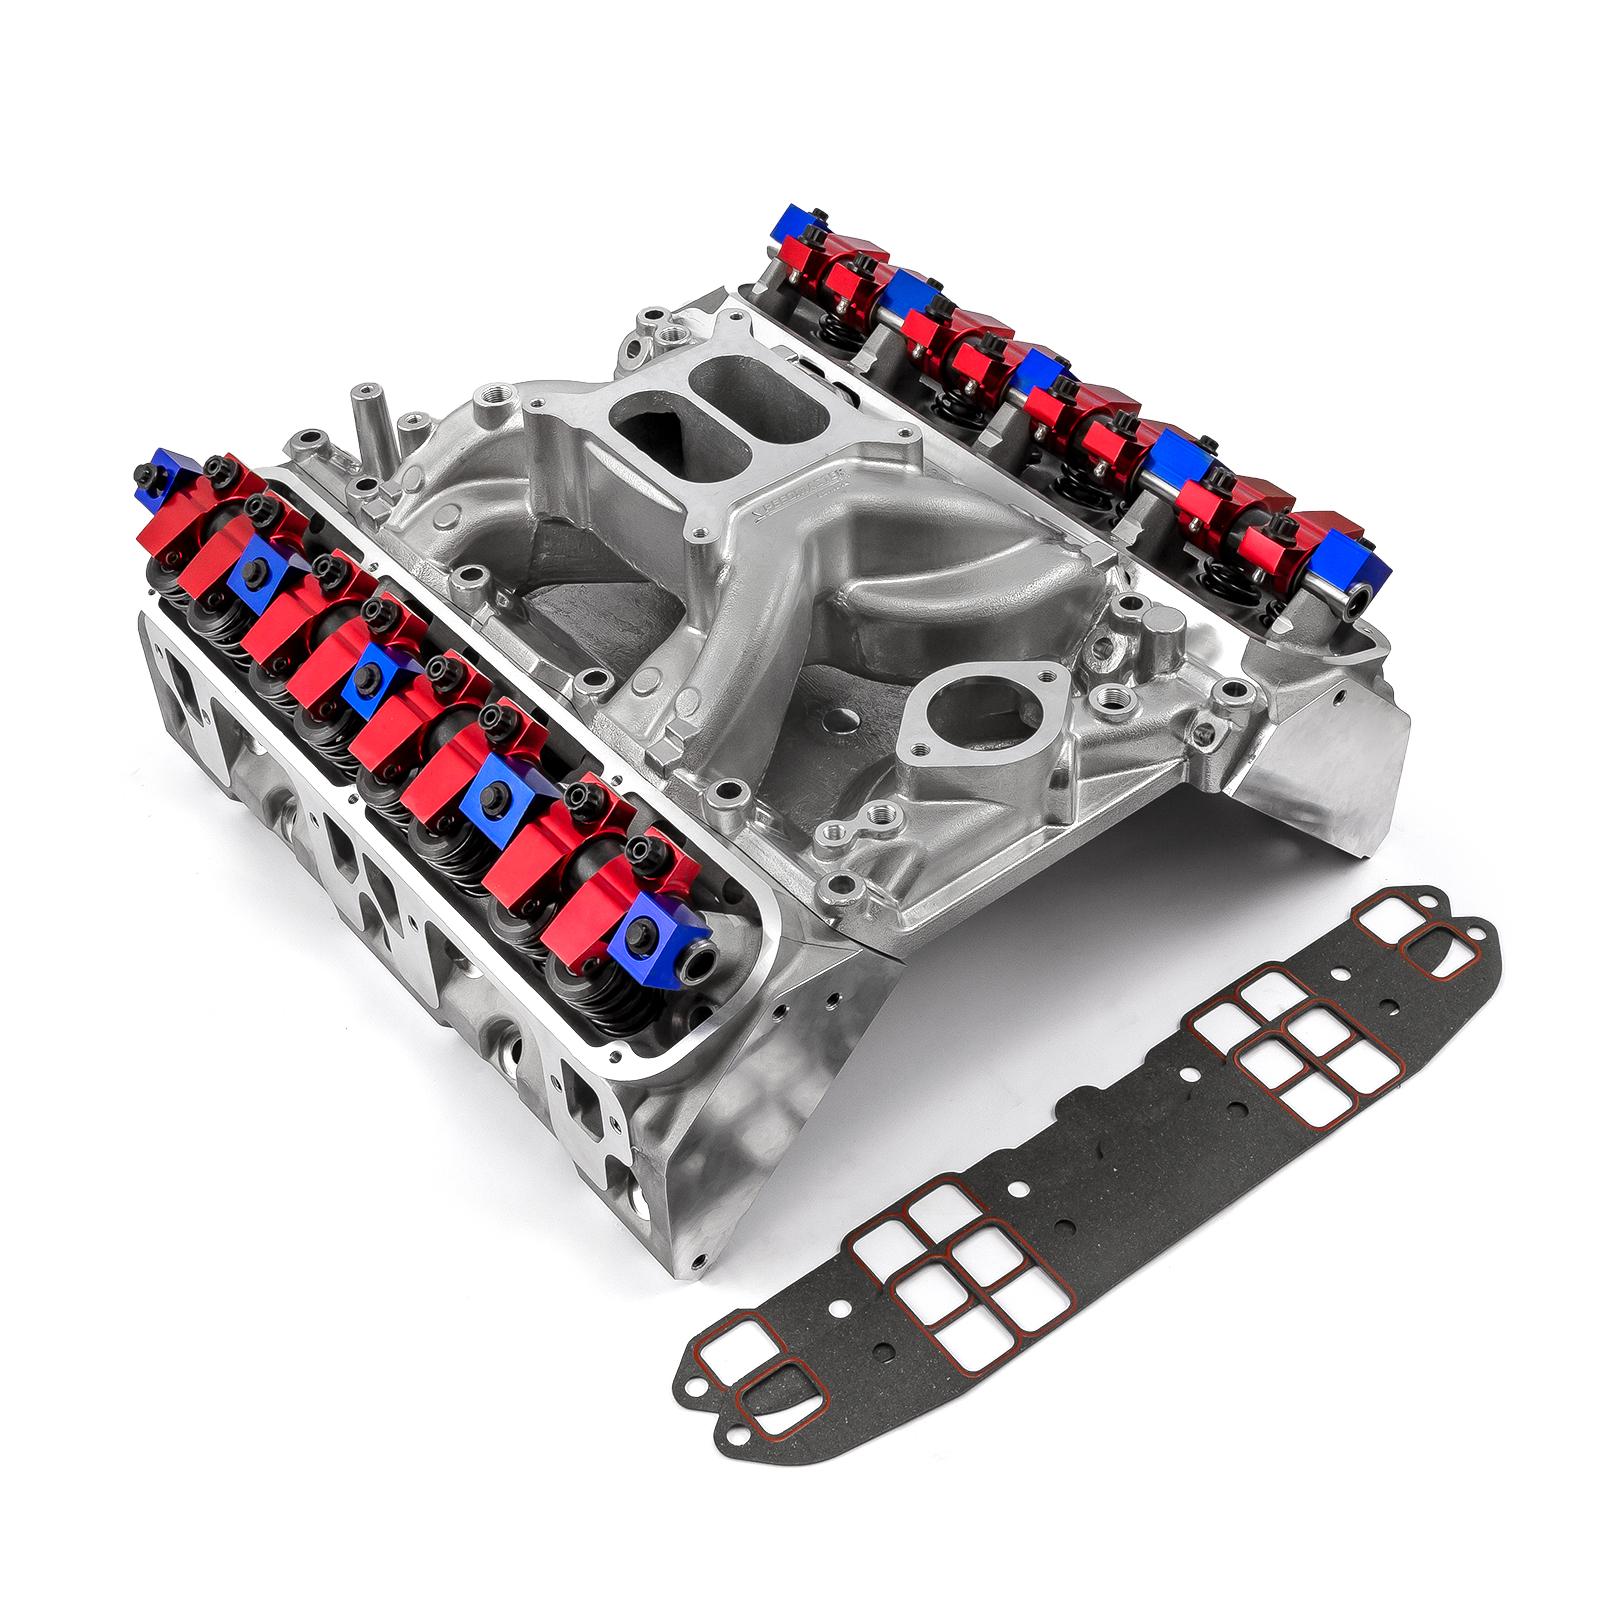 Mopar Chrysler SB 318 340 360 Hyd Roller Cylinder Head Top End Engine Combo Kit